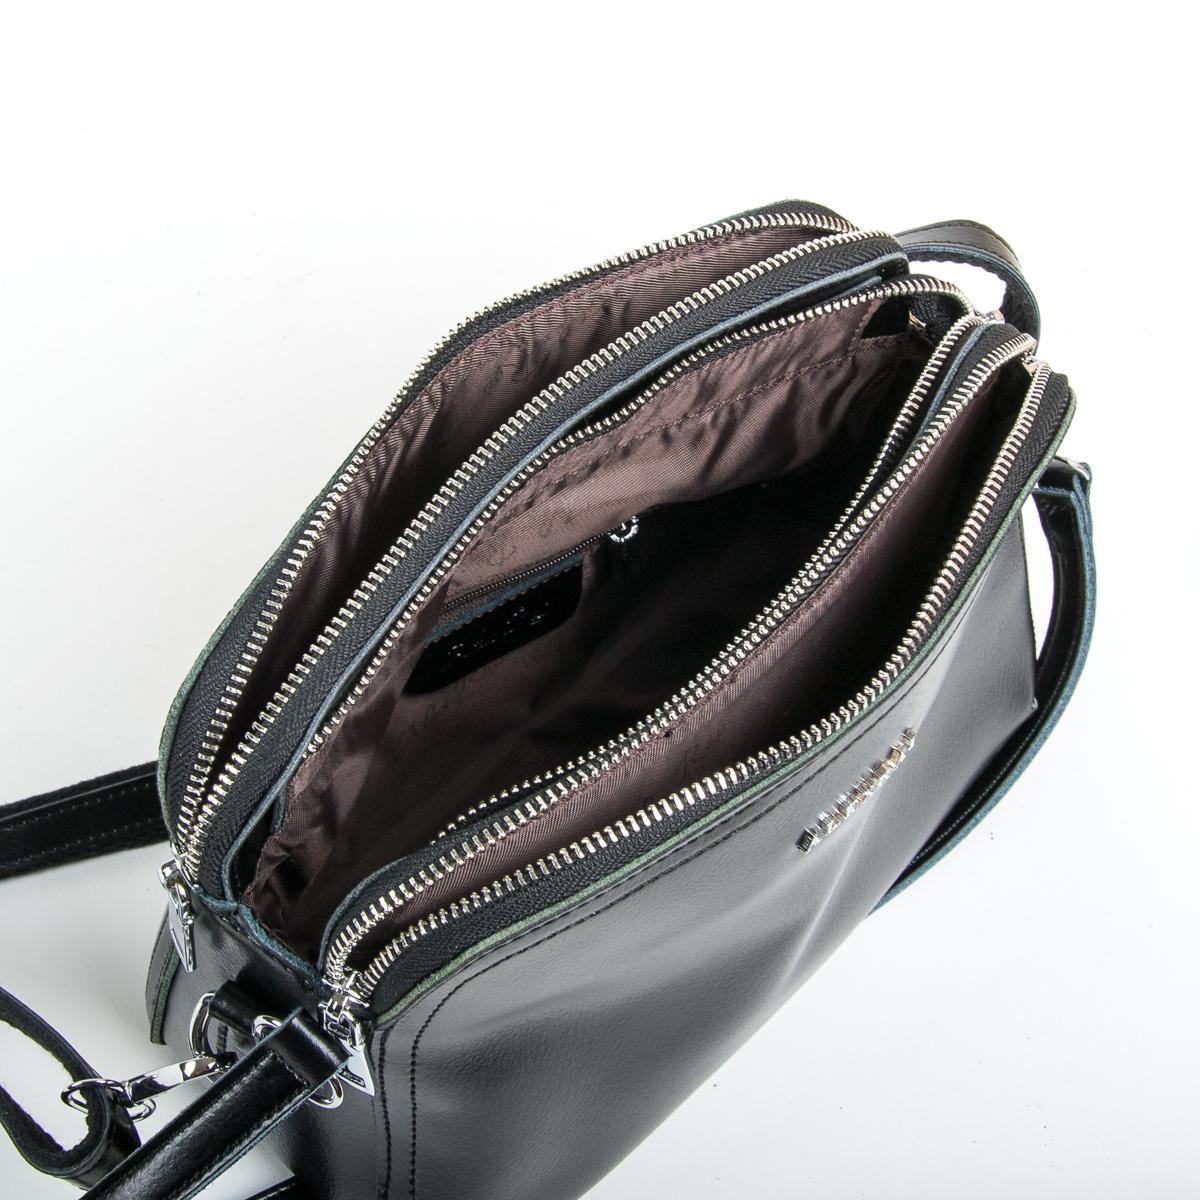 Сумка Женская Клатч кожа ALEX RAI 9-01 8725 black - фото 5